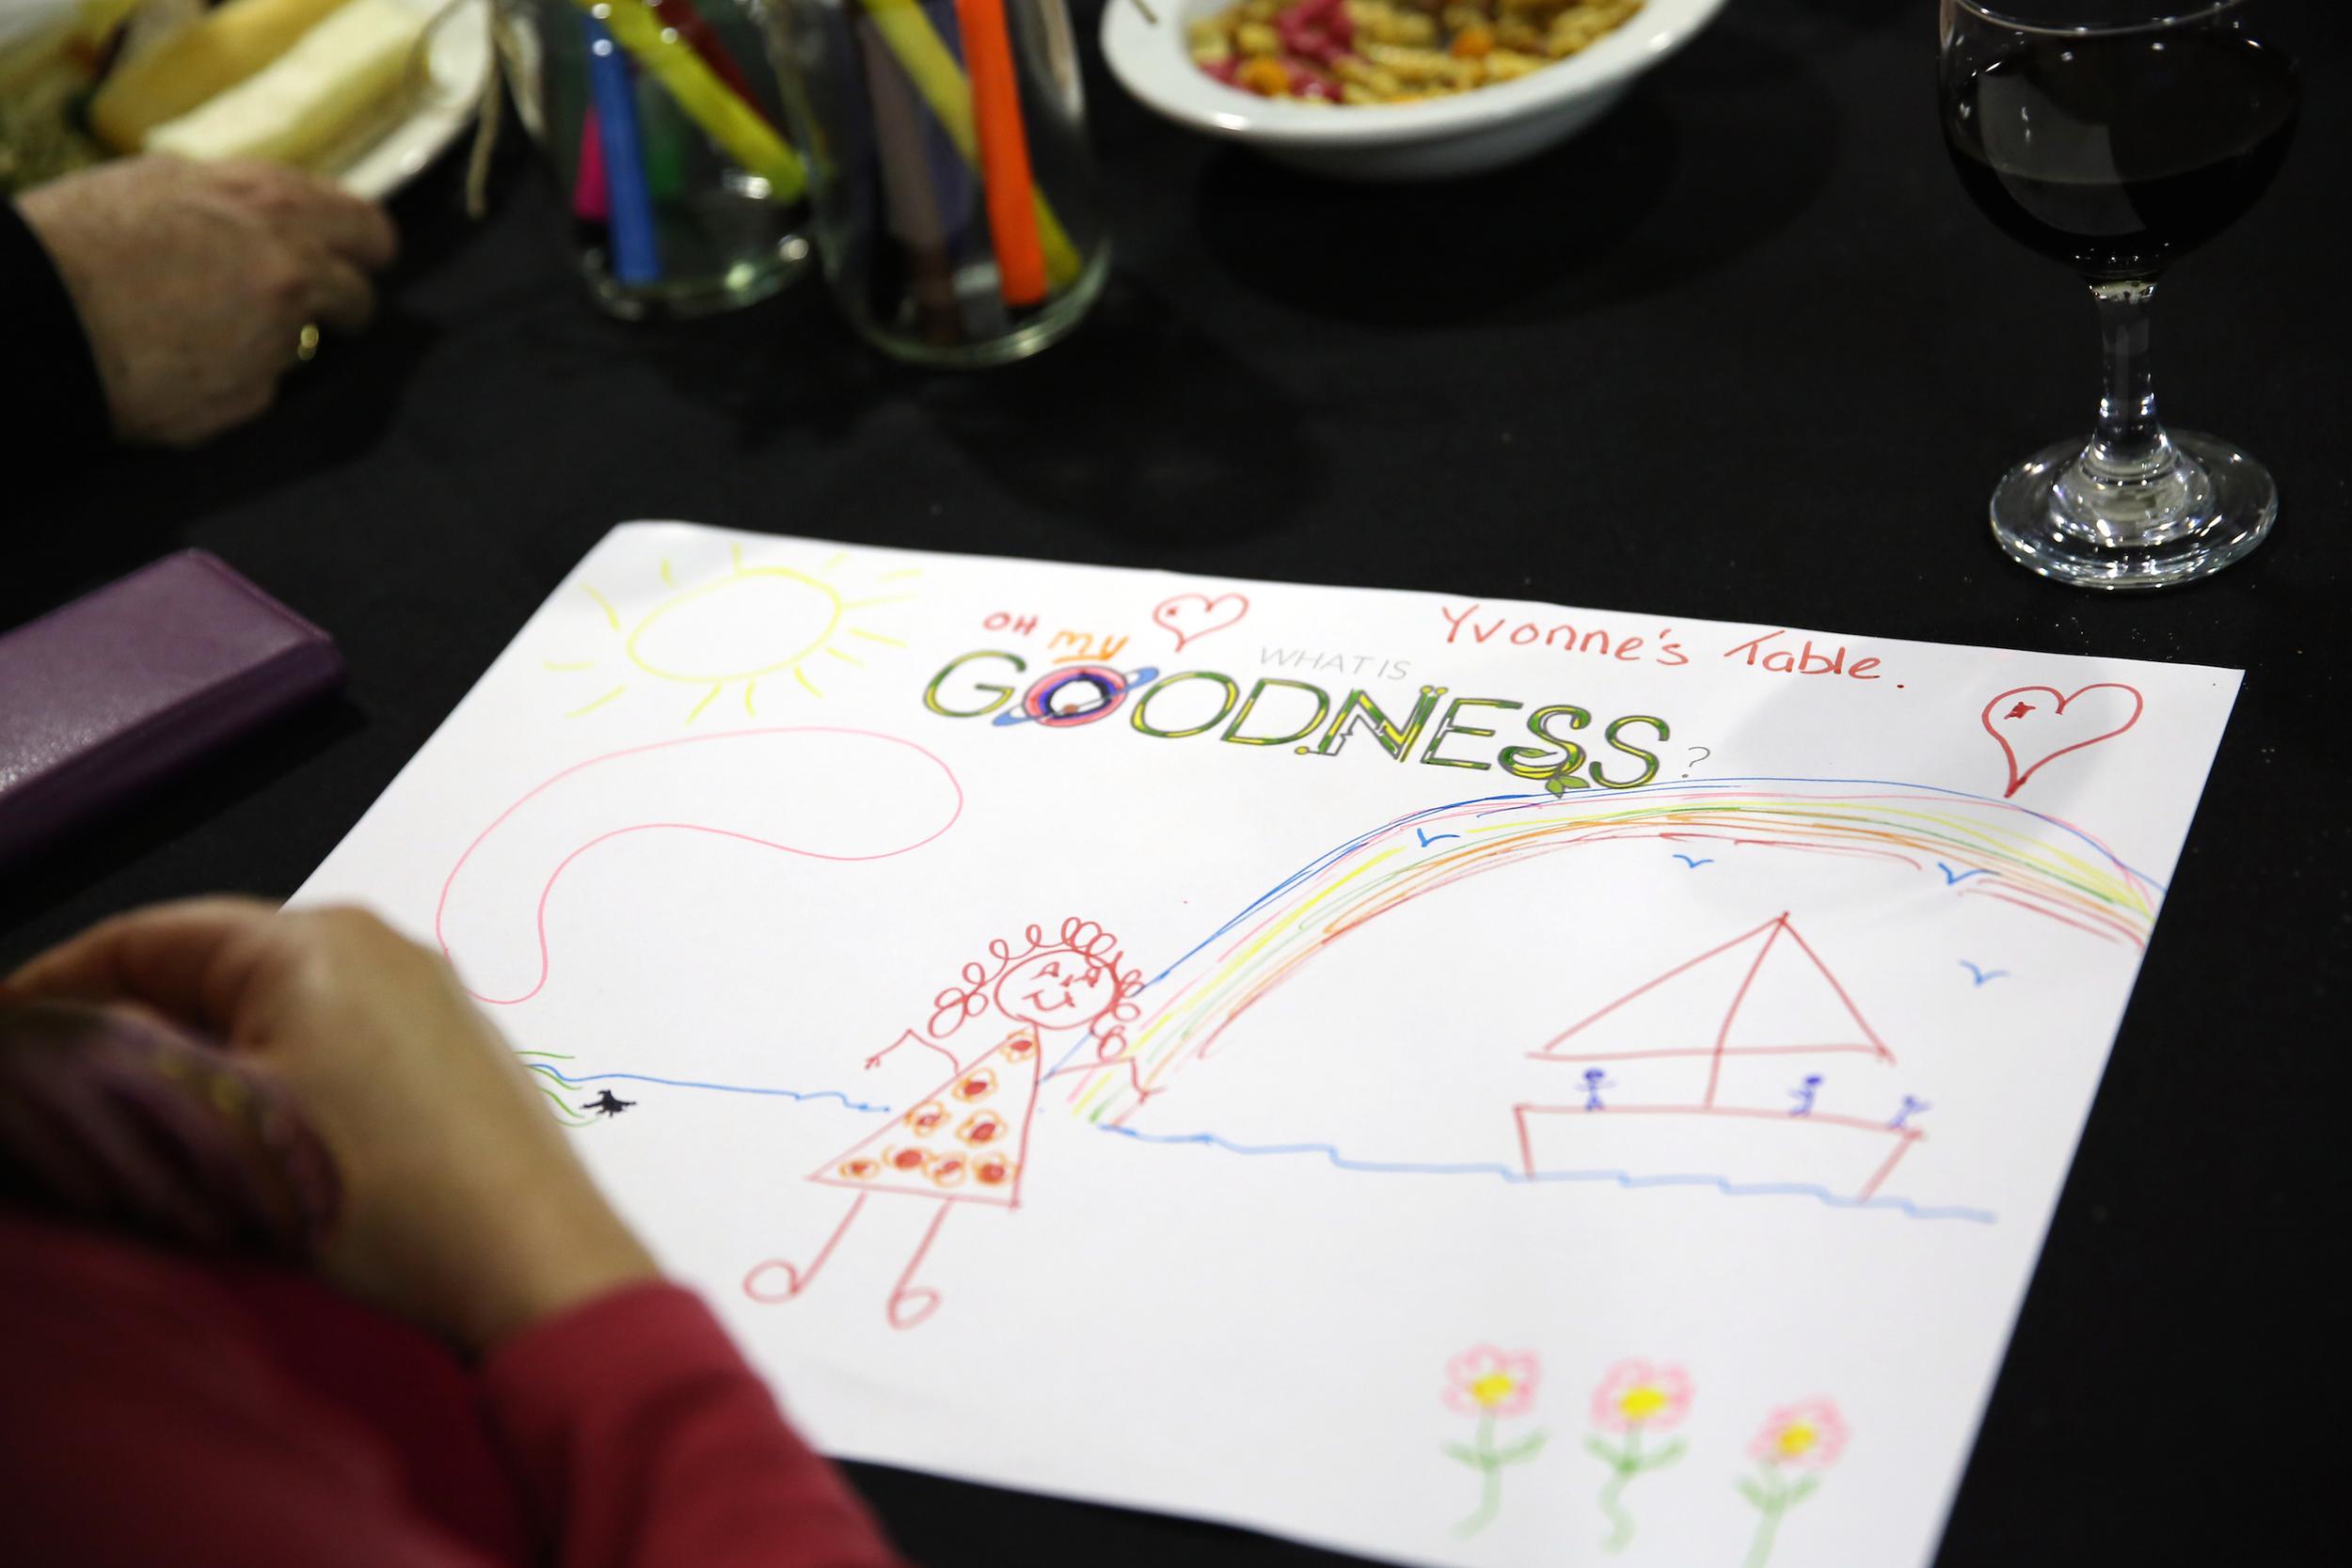 Goodness drawing at Awards